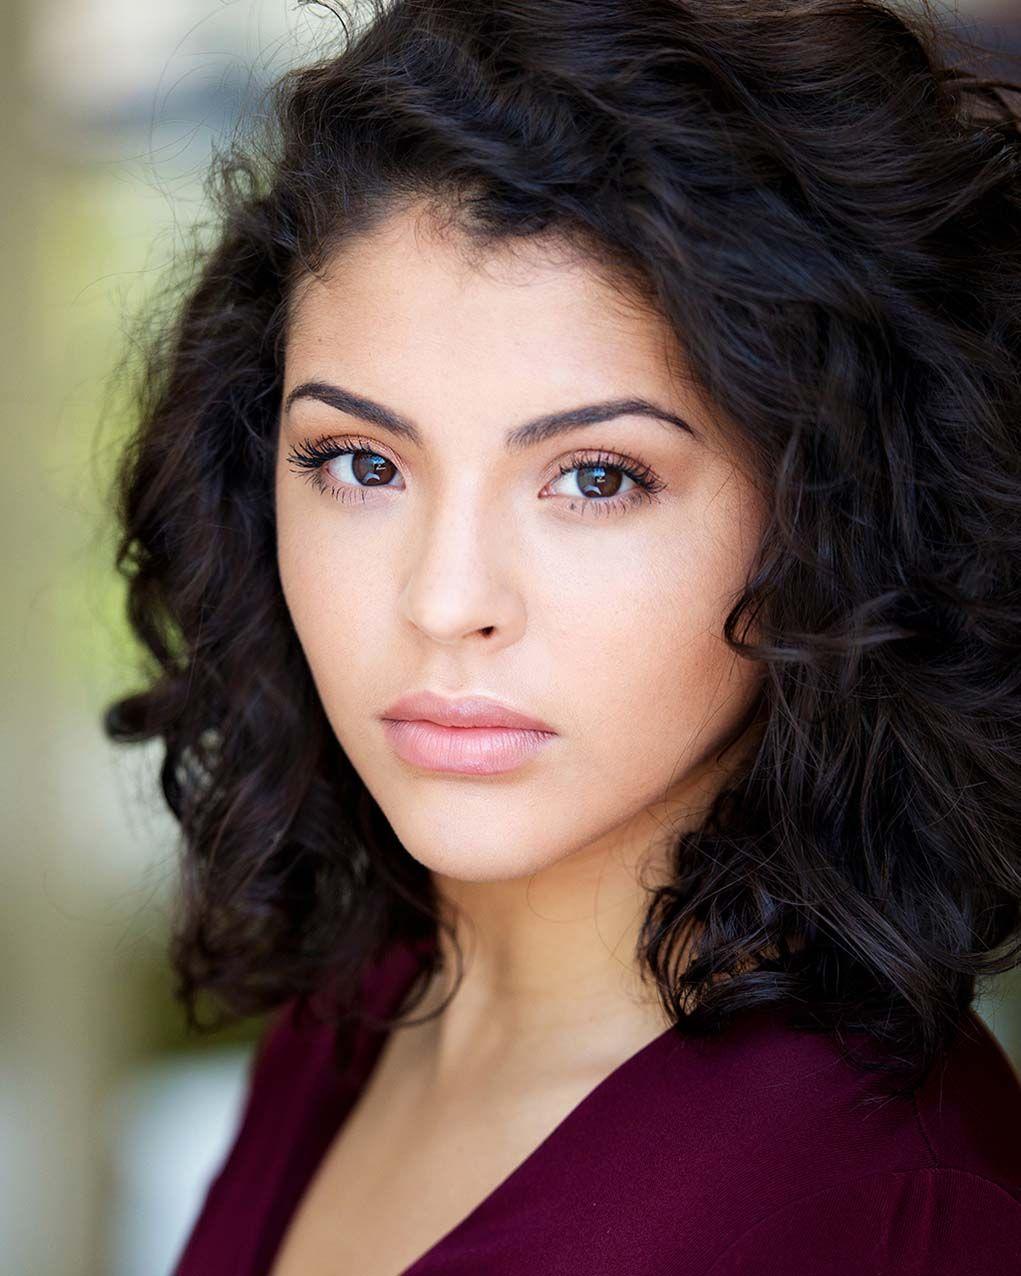 Pin by shabna Sayeed on beauty | Actor headshots